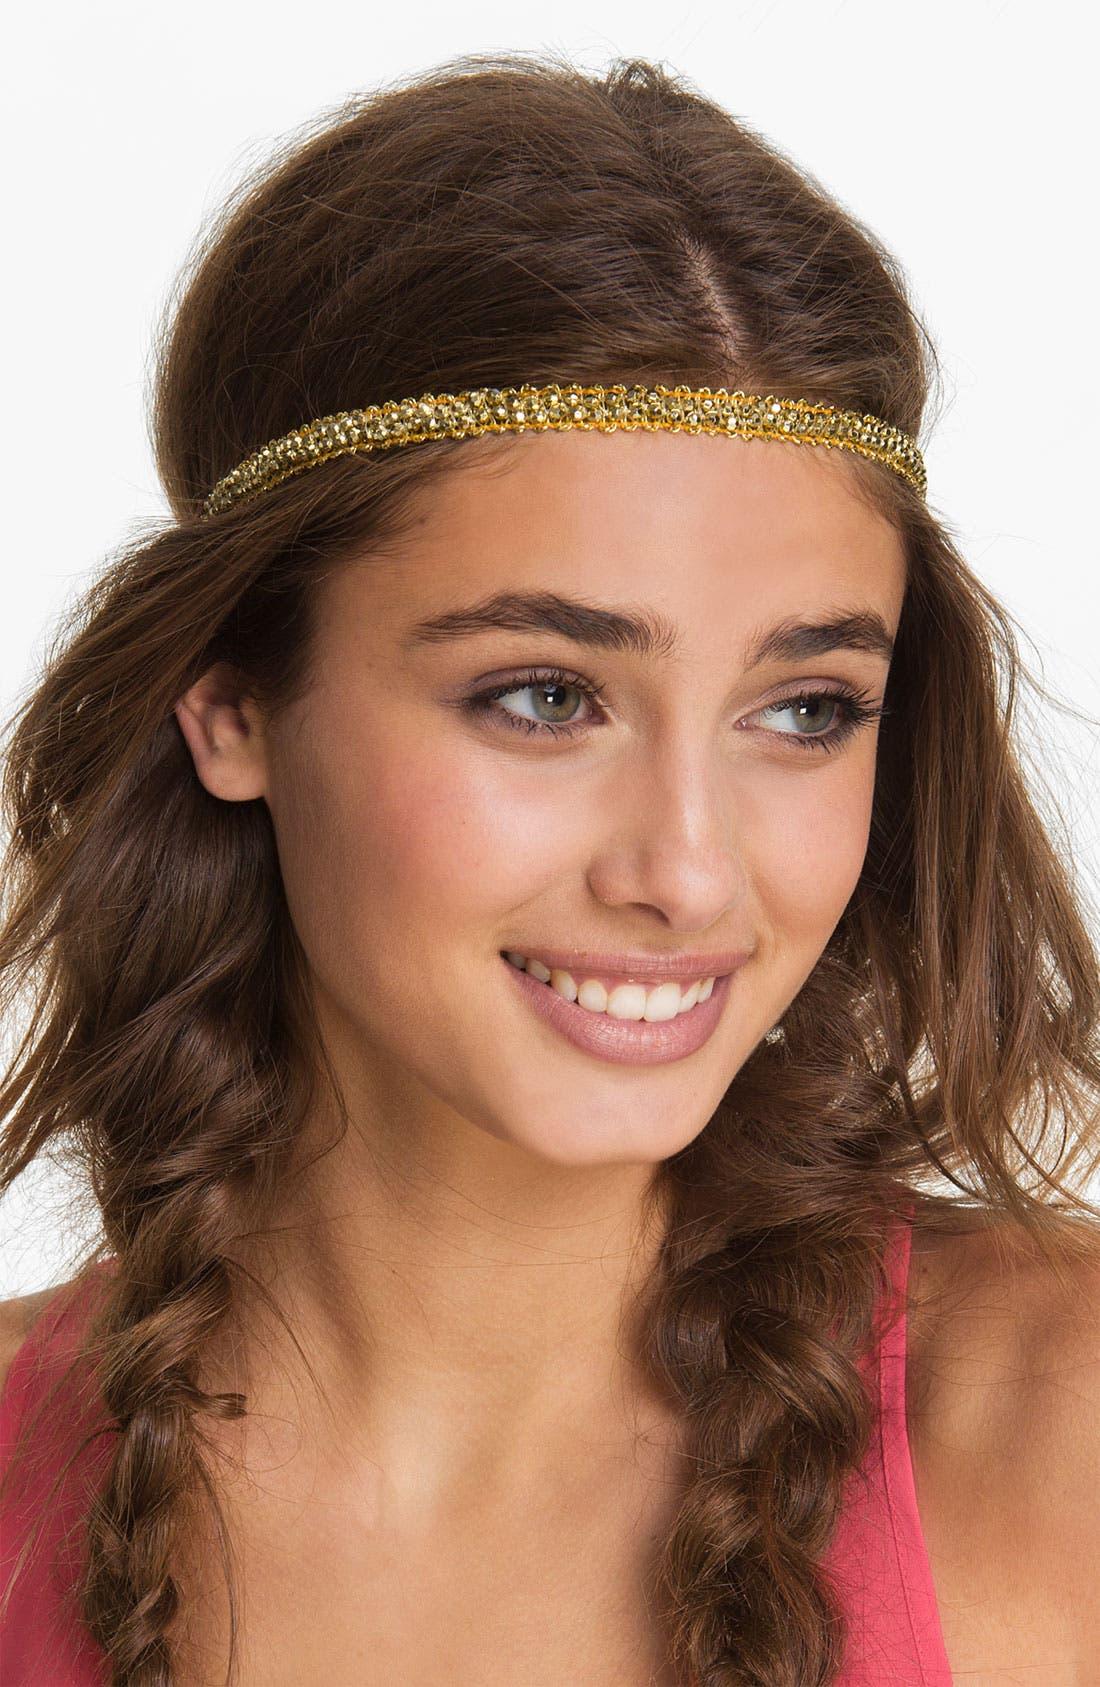 Alternate Image 1 Selected - Lulu Rhinestone Headband